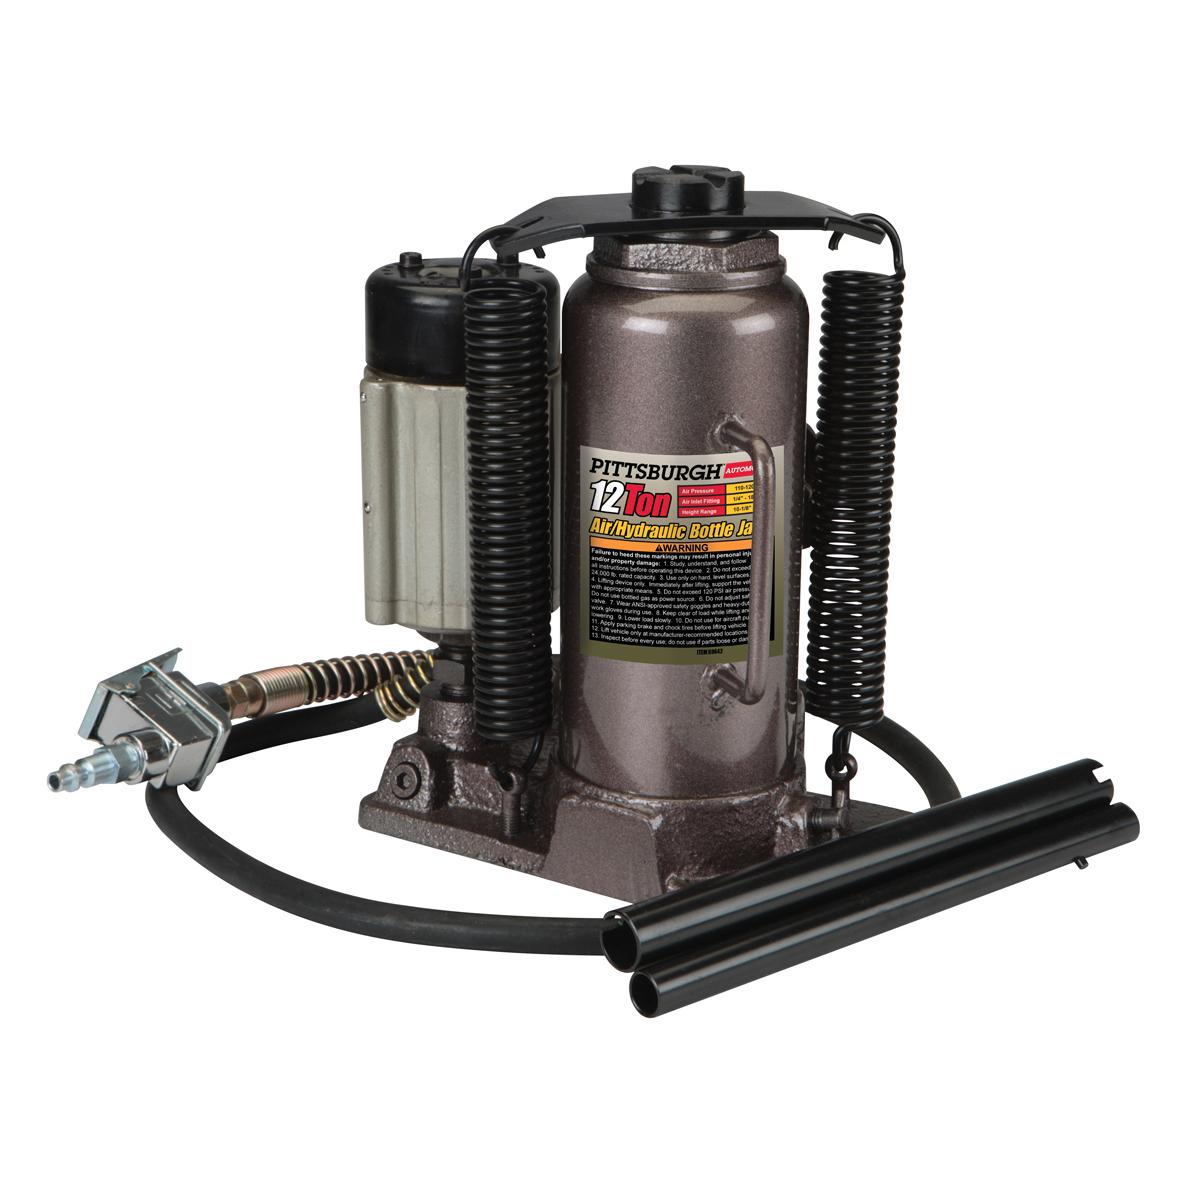 12 Ton Air Hydraulic Bottle Jack